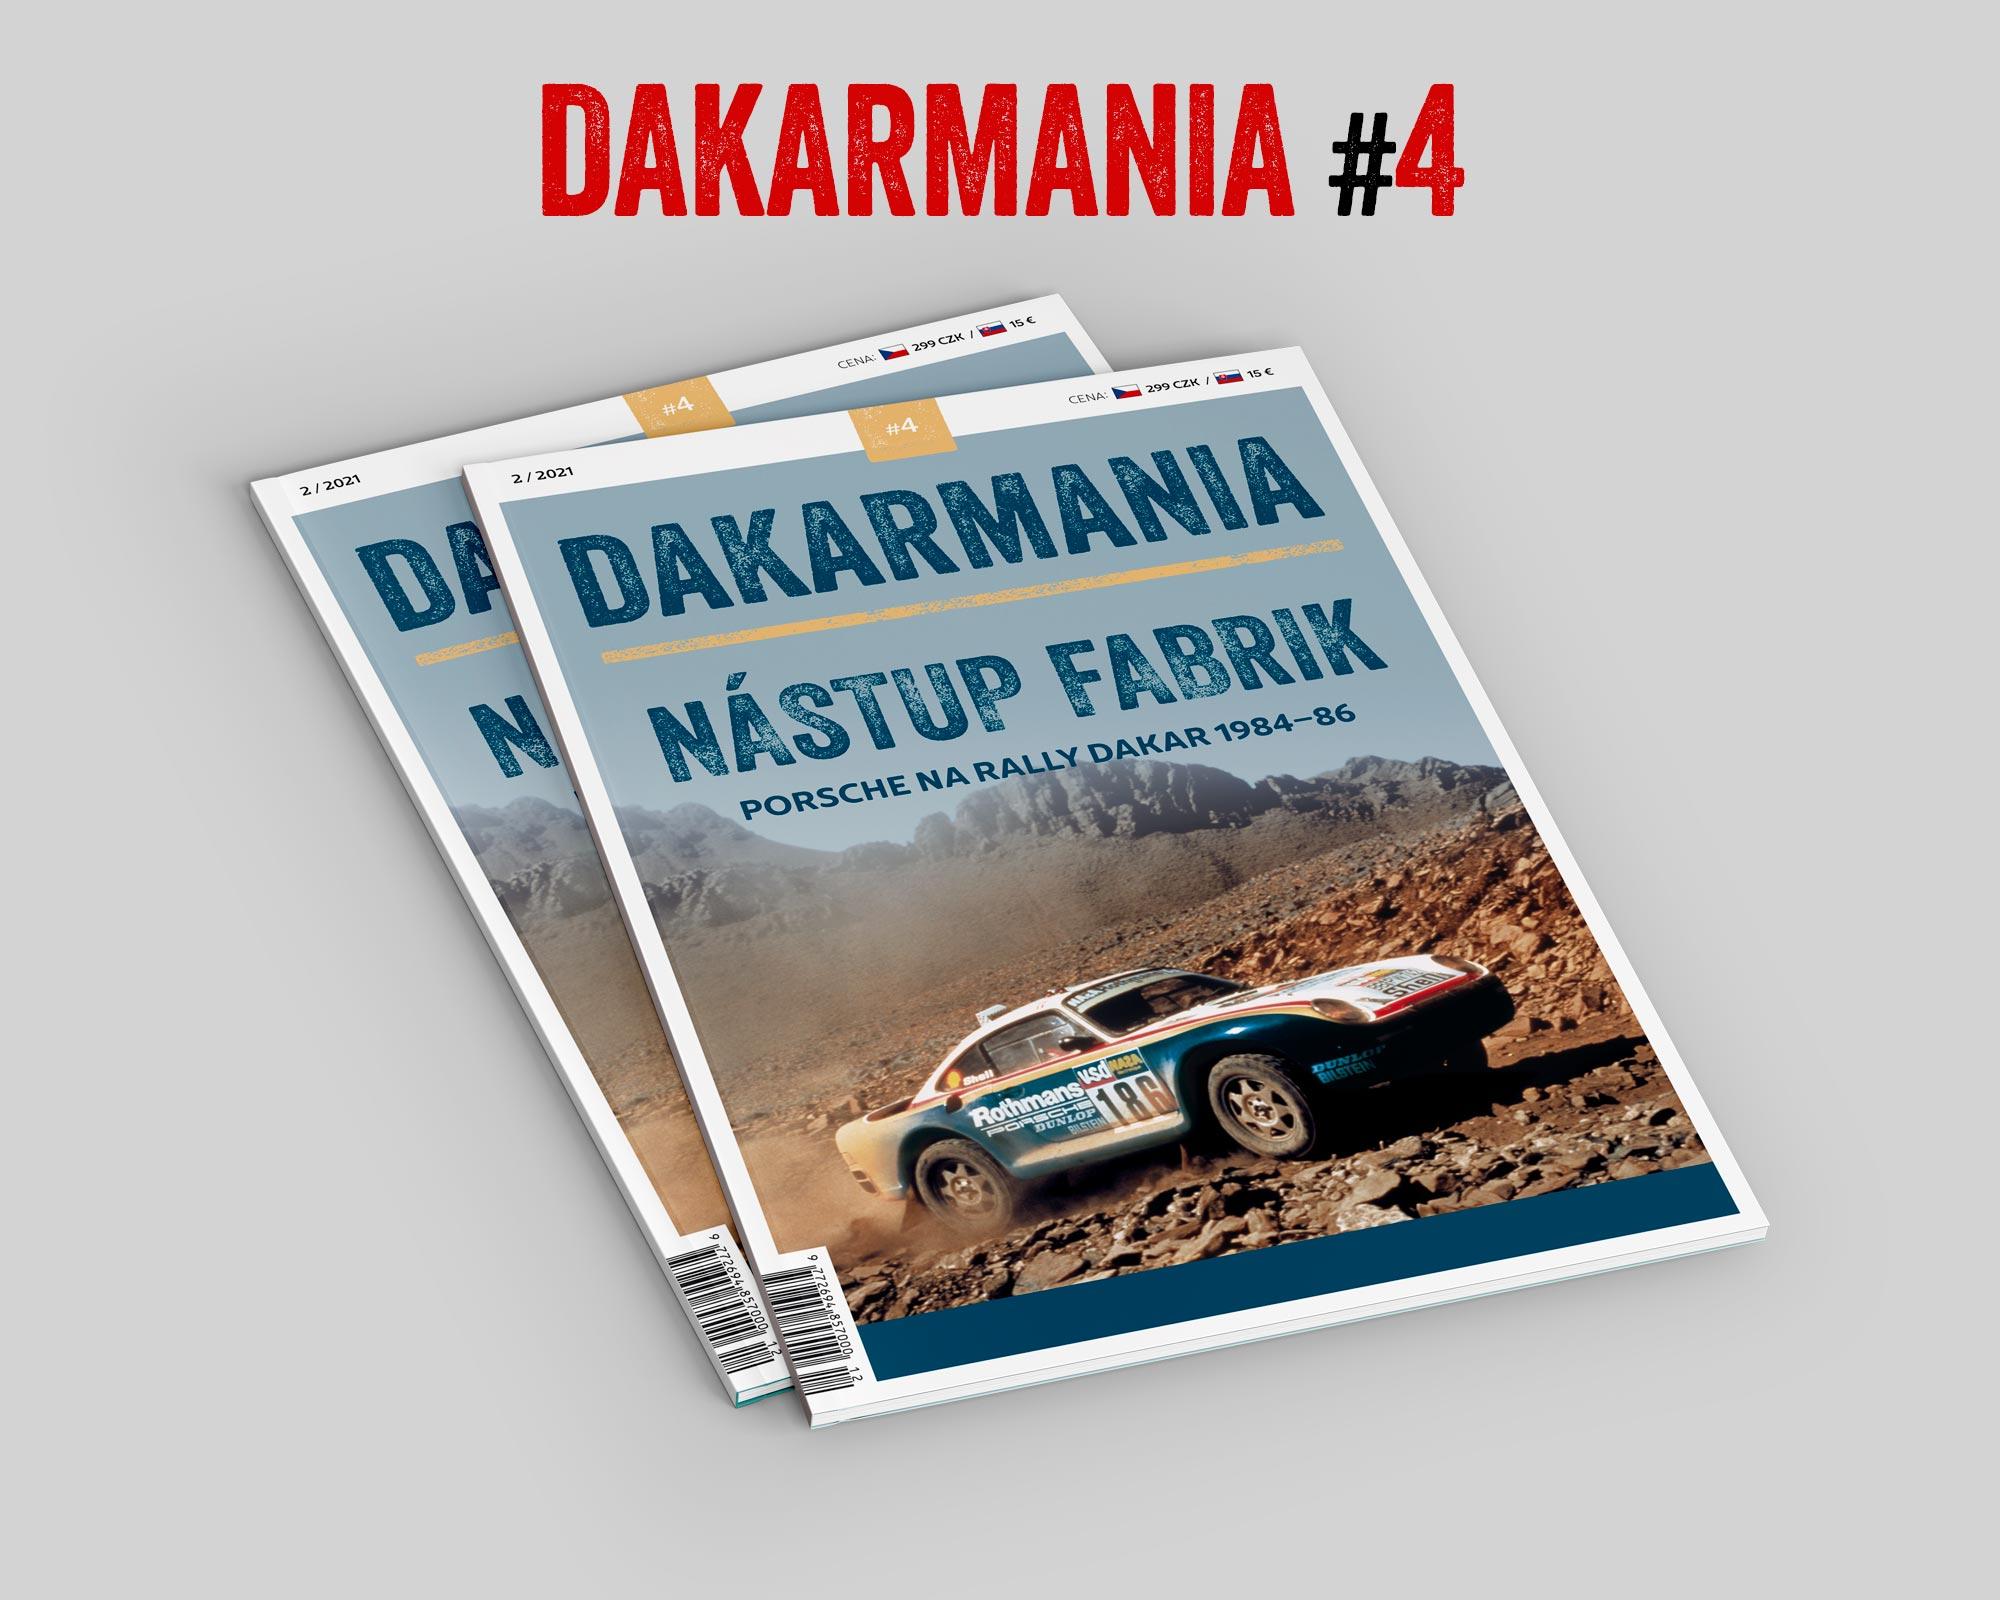 DAKARMANIA #4